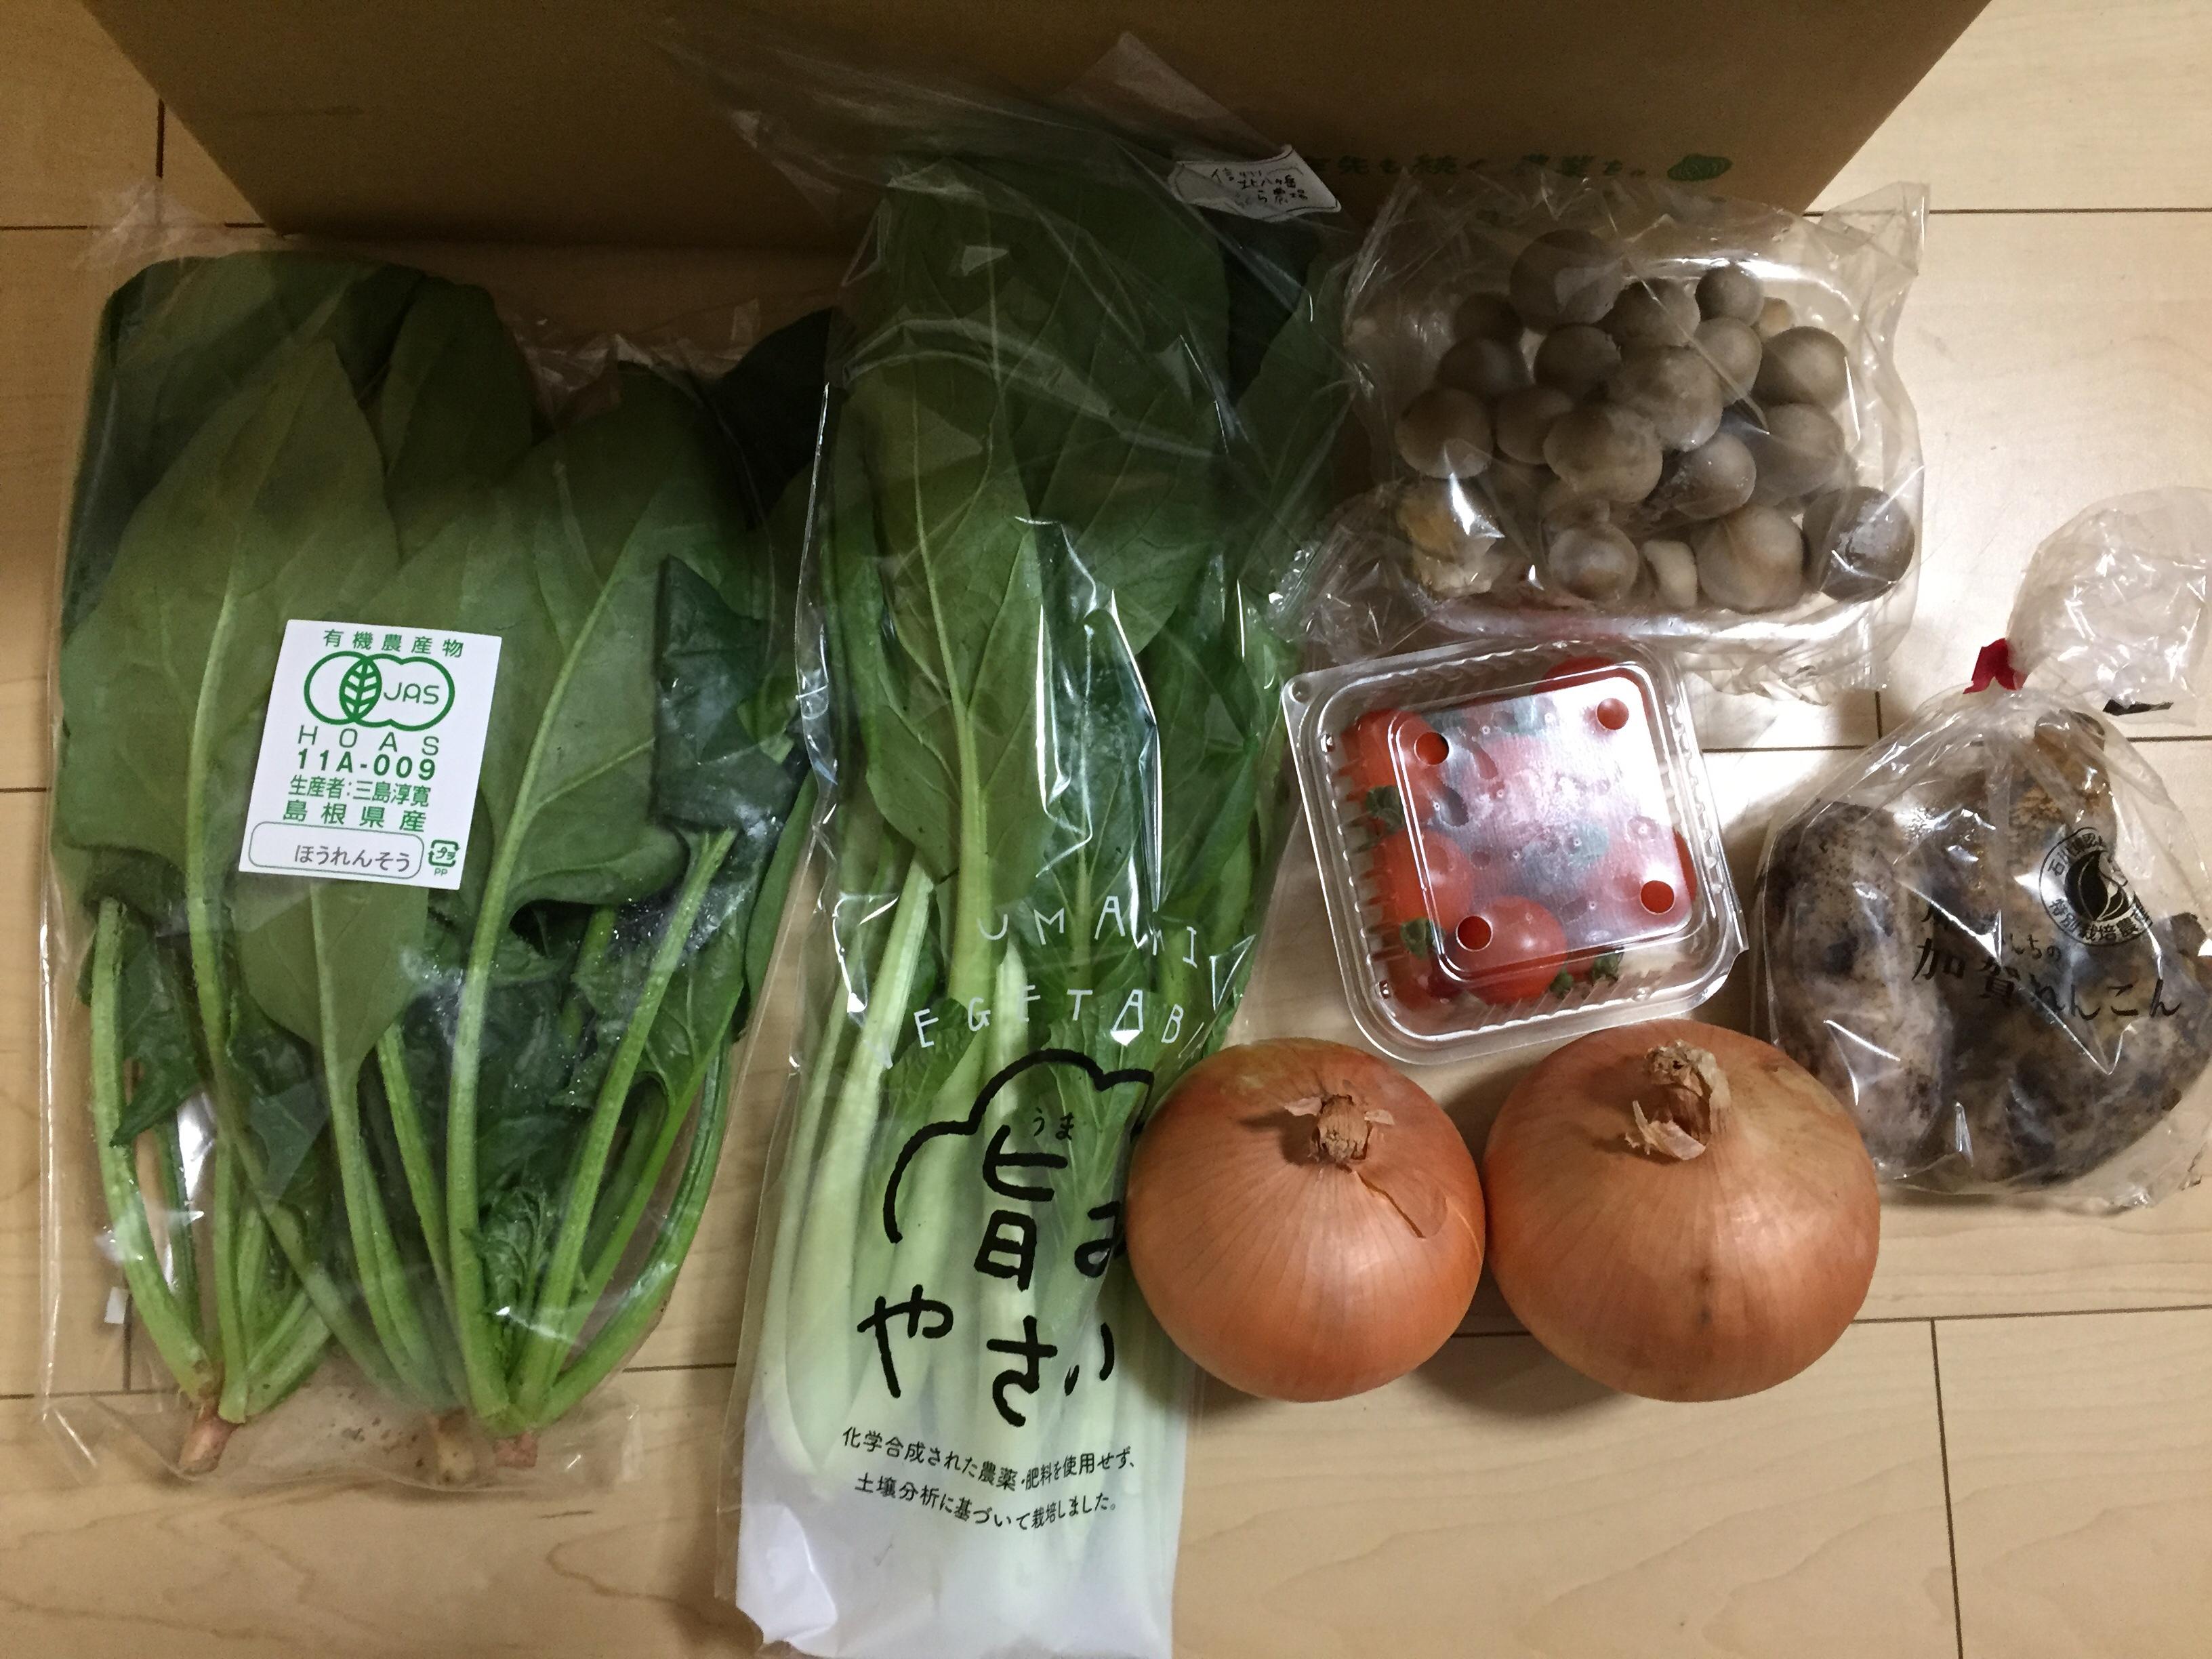 野菜宅配の坂ノ途中はお試しセット980円&送料無料!実際に注文して料理してみた!